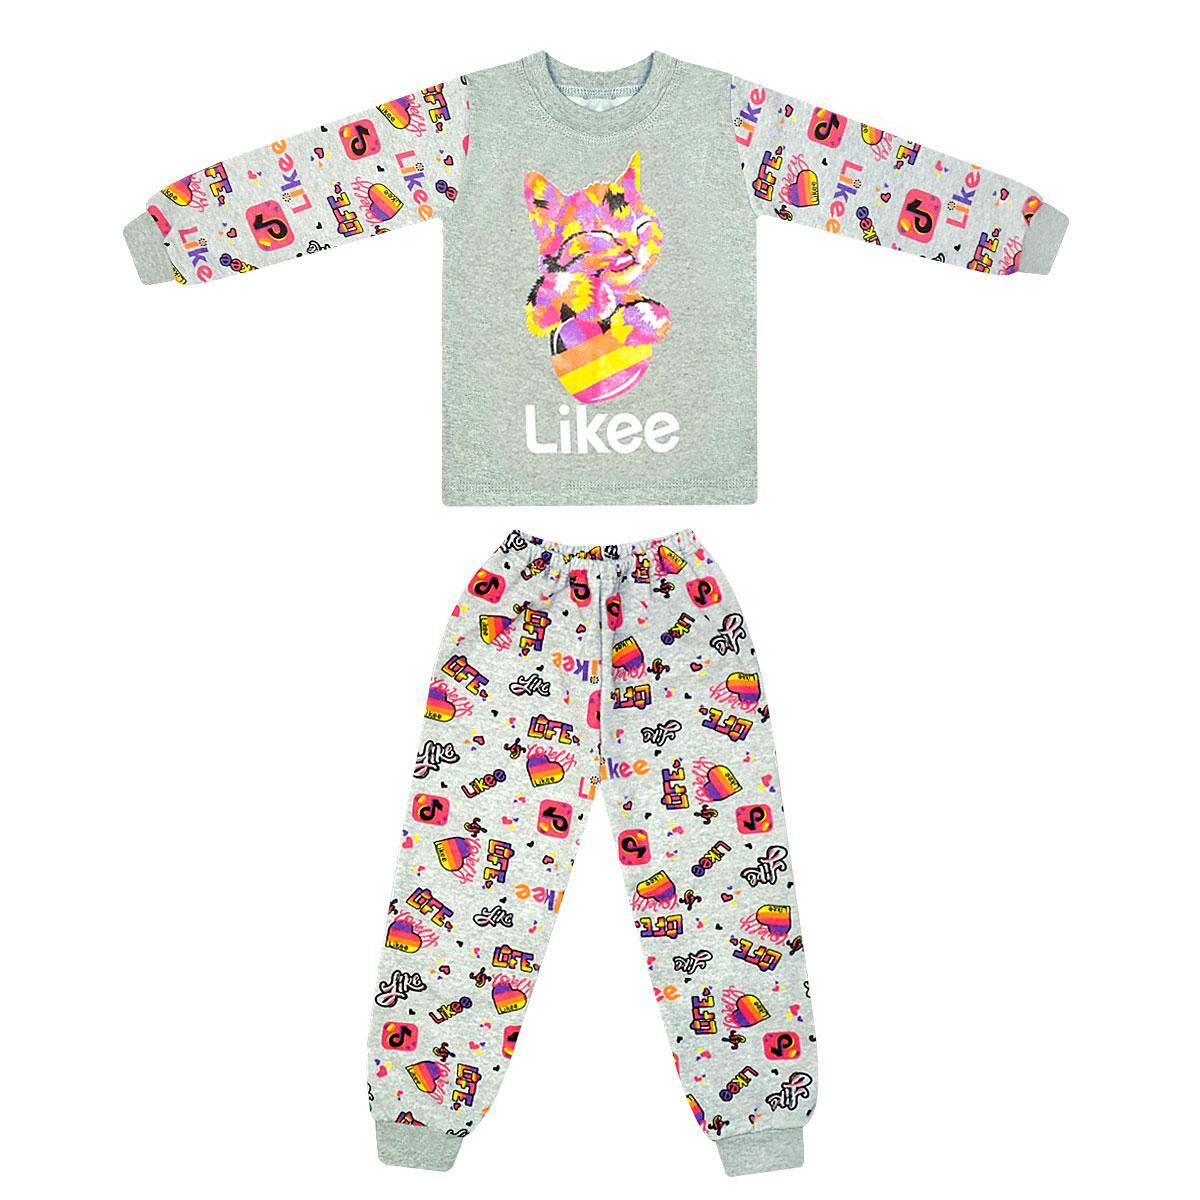 Теплая детская пижама для девочки с принтом Likee Кошка начес